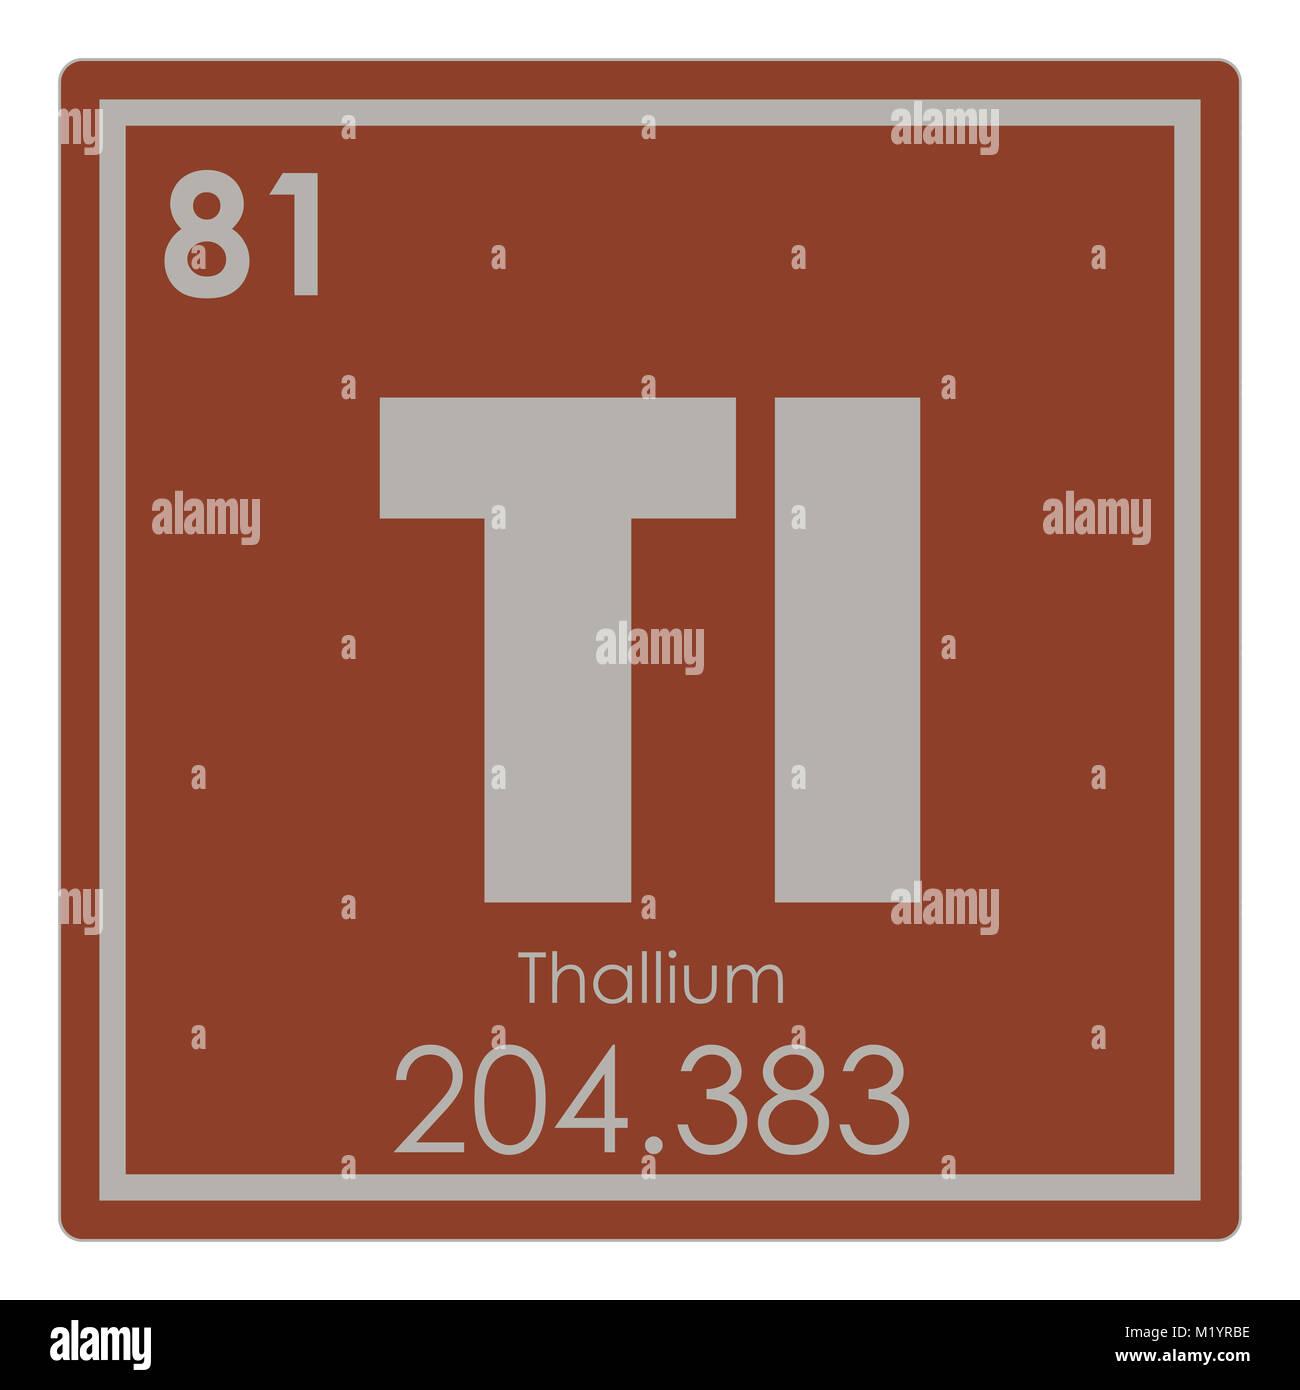 Thallium chemical element periodic table science symbol stock photo thallium chemical element periodic table science symbol urtaz Choice Image